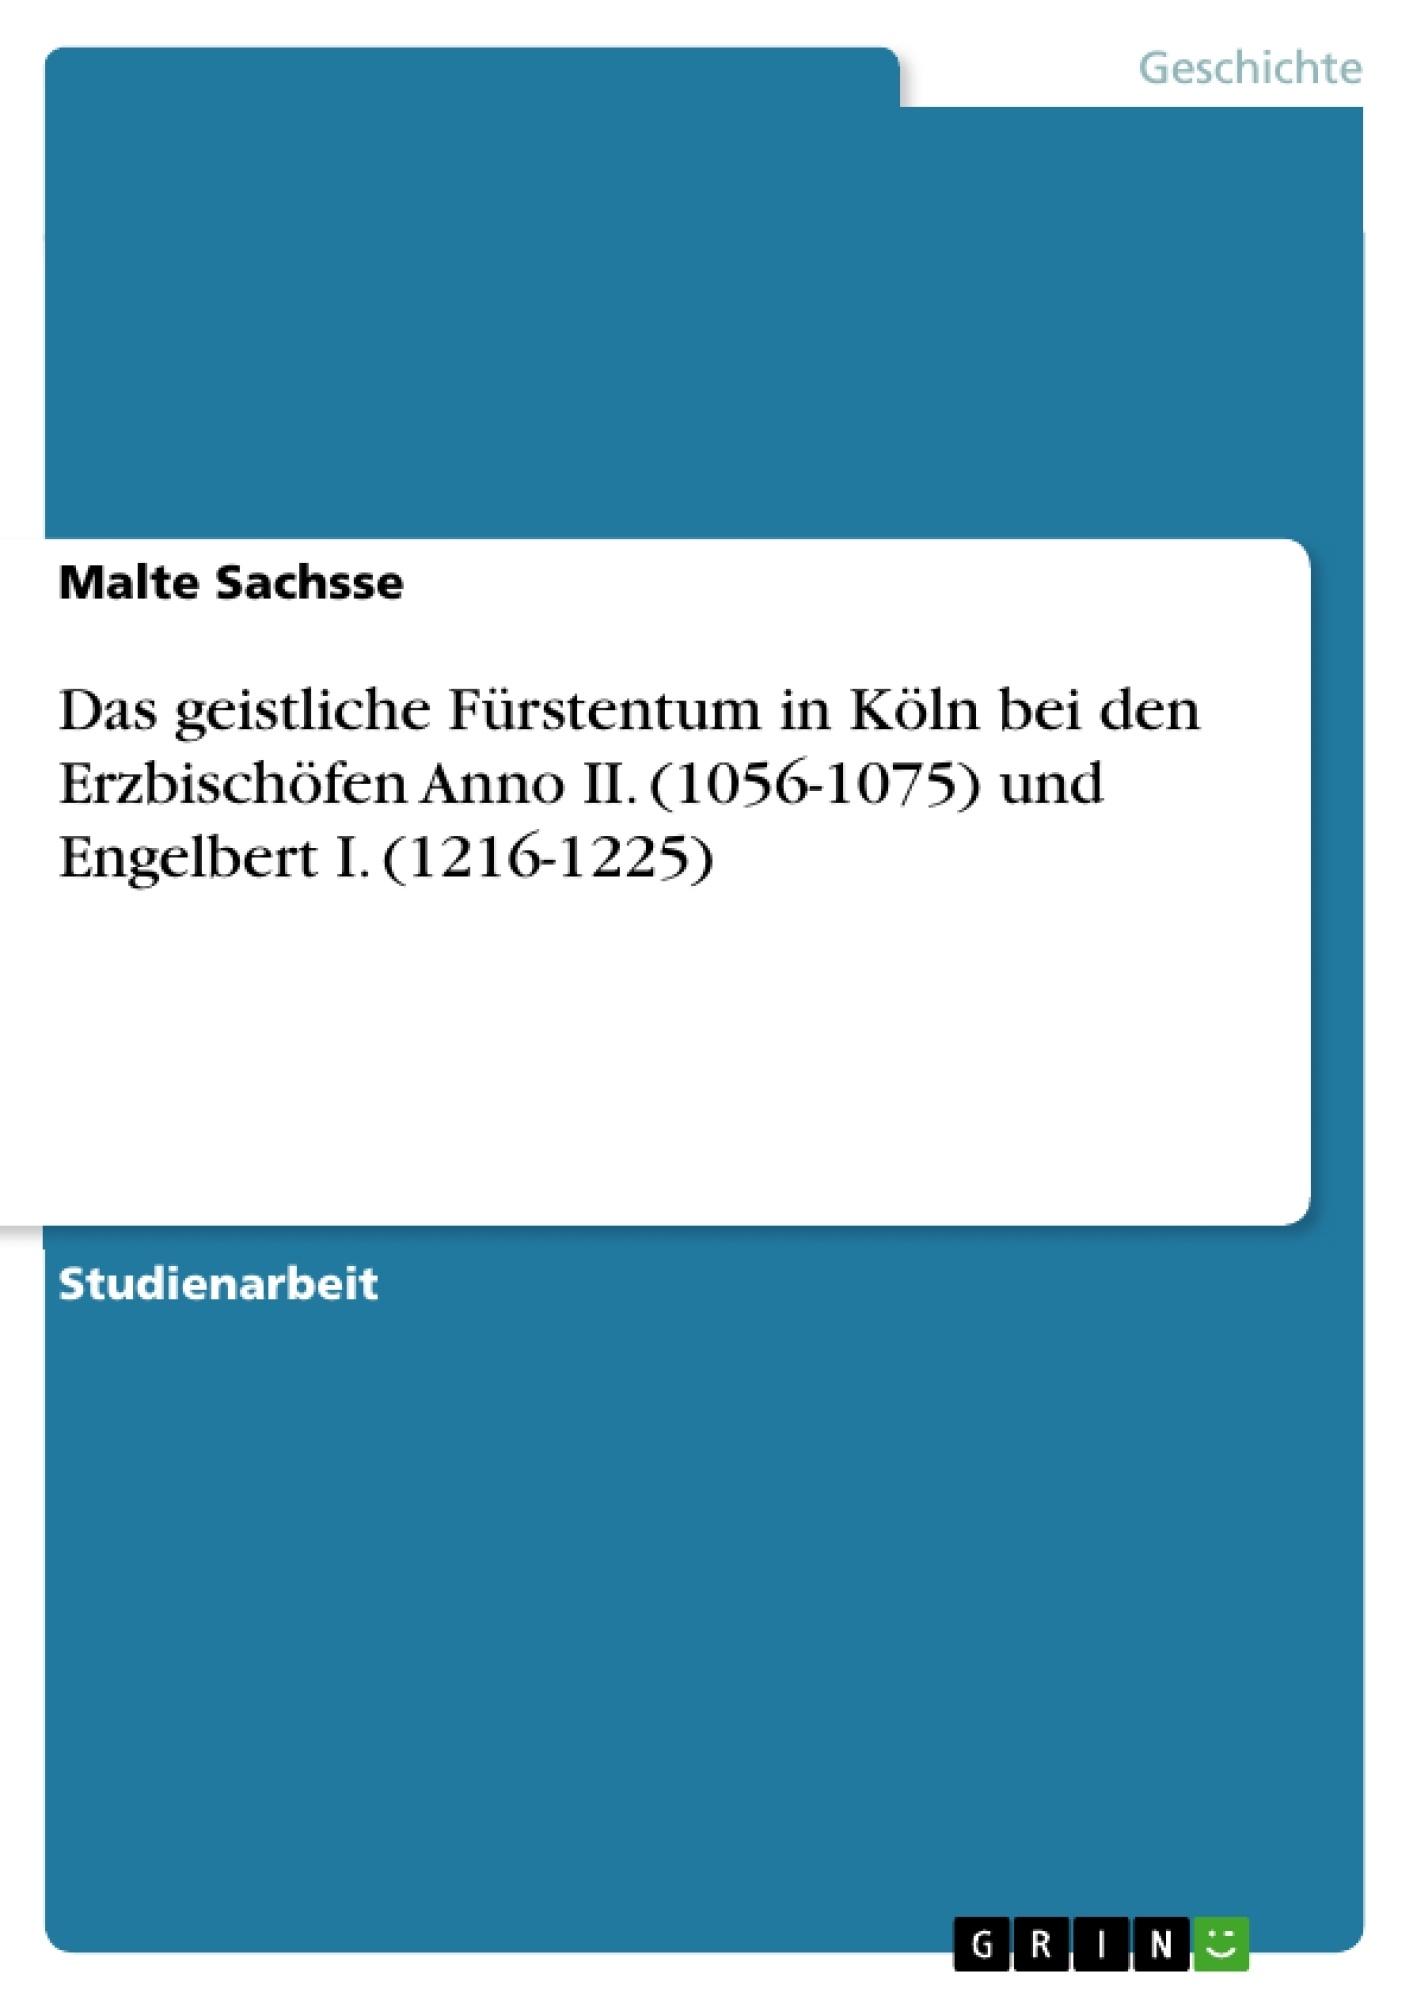 Titel: Das geistliche Fürstentum in Köln bei den Erzbischöfen Anno II. (1056-1075) und Engelbert I. (1216-1225)